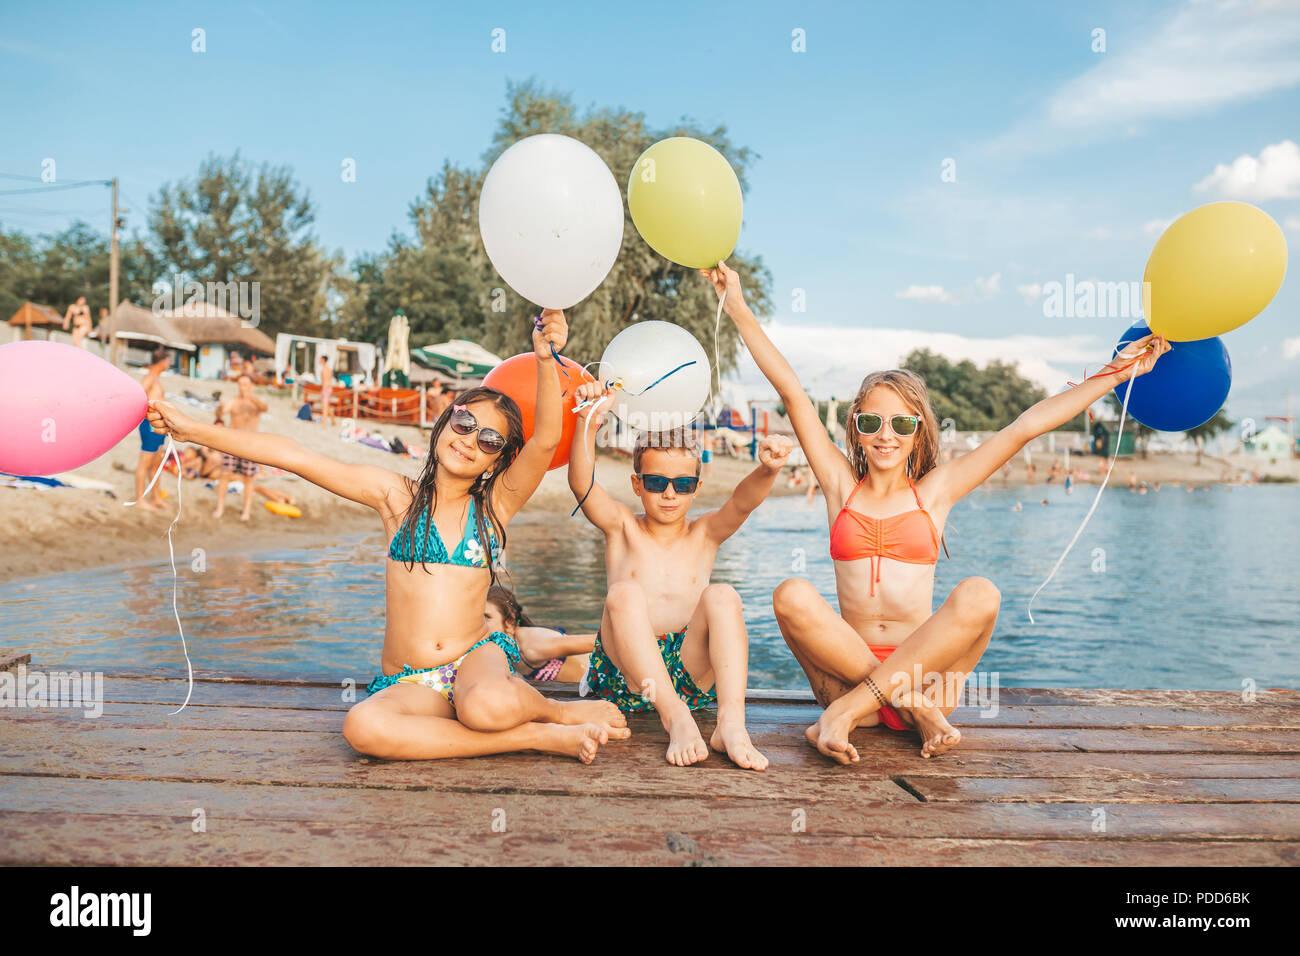 Niños felices jugando con los globos en el mar. Los niños divertirse al aire libre. Vacaciones de verano y el concepto de estilo de vida saludable Imagen De Stock